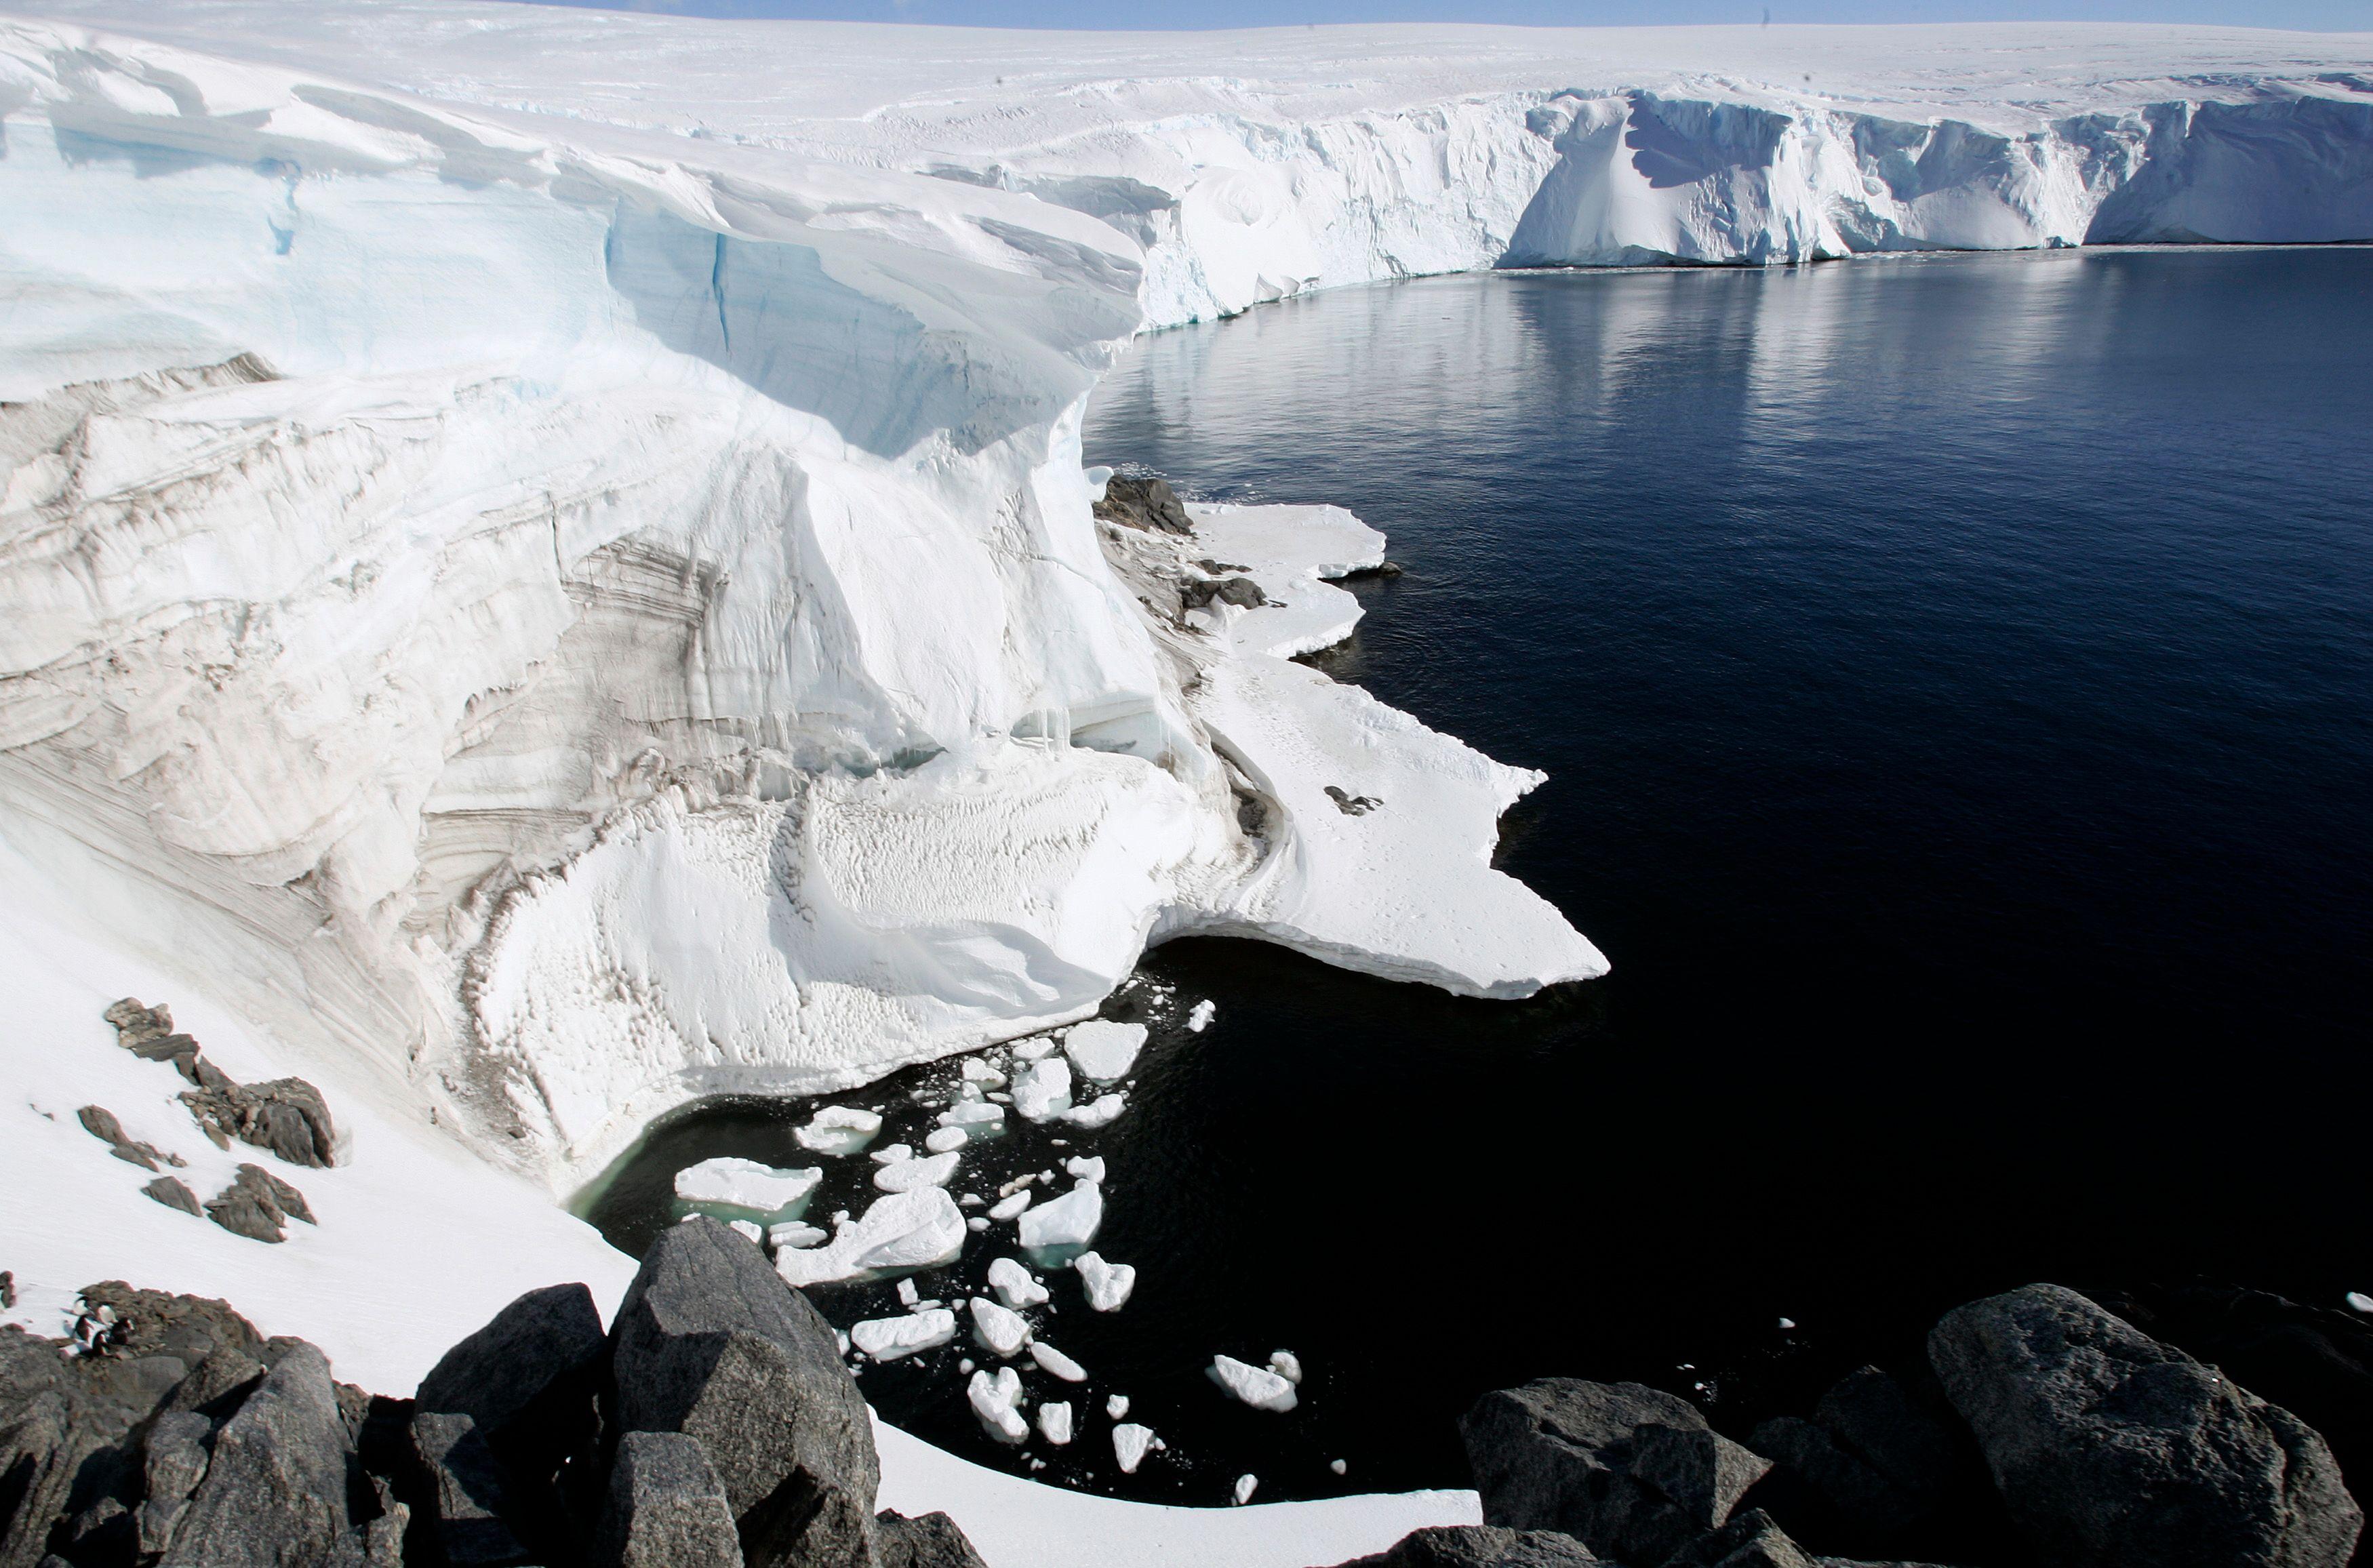 Les scientifiques basés en Antarctique boivent trop, Washington tente d'y remédier